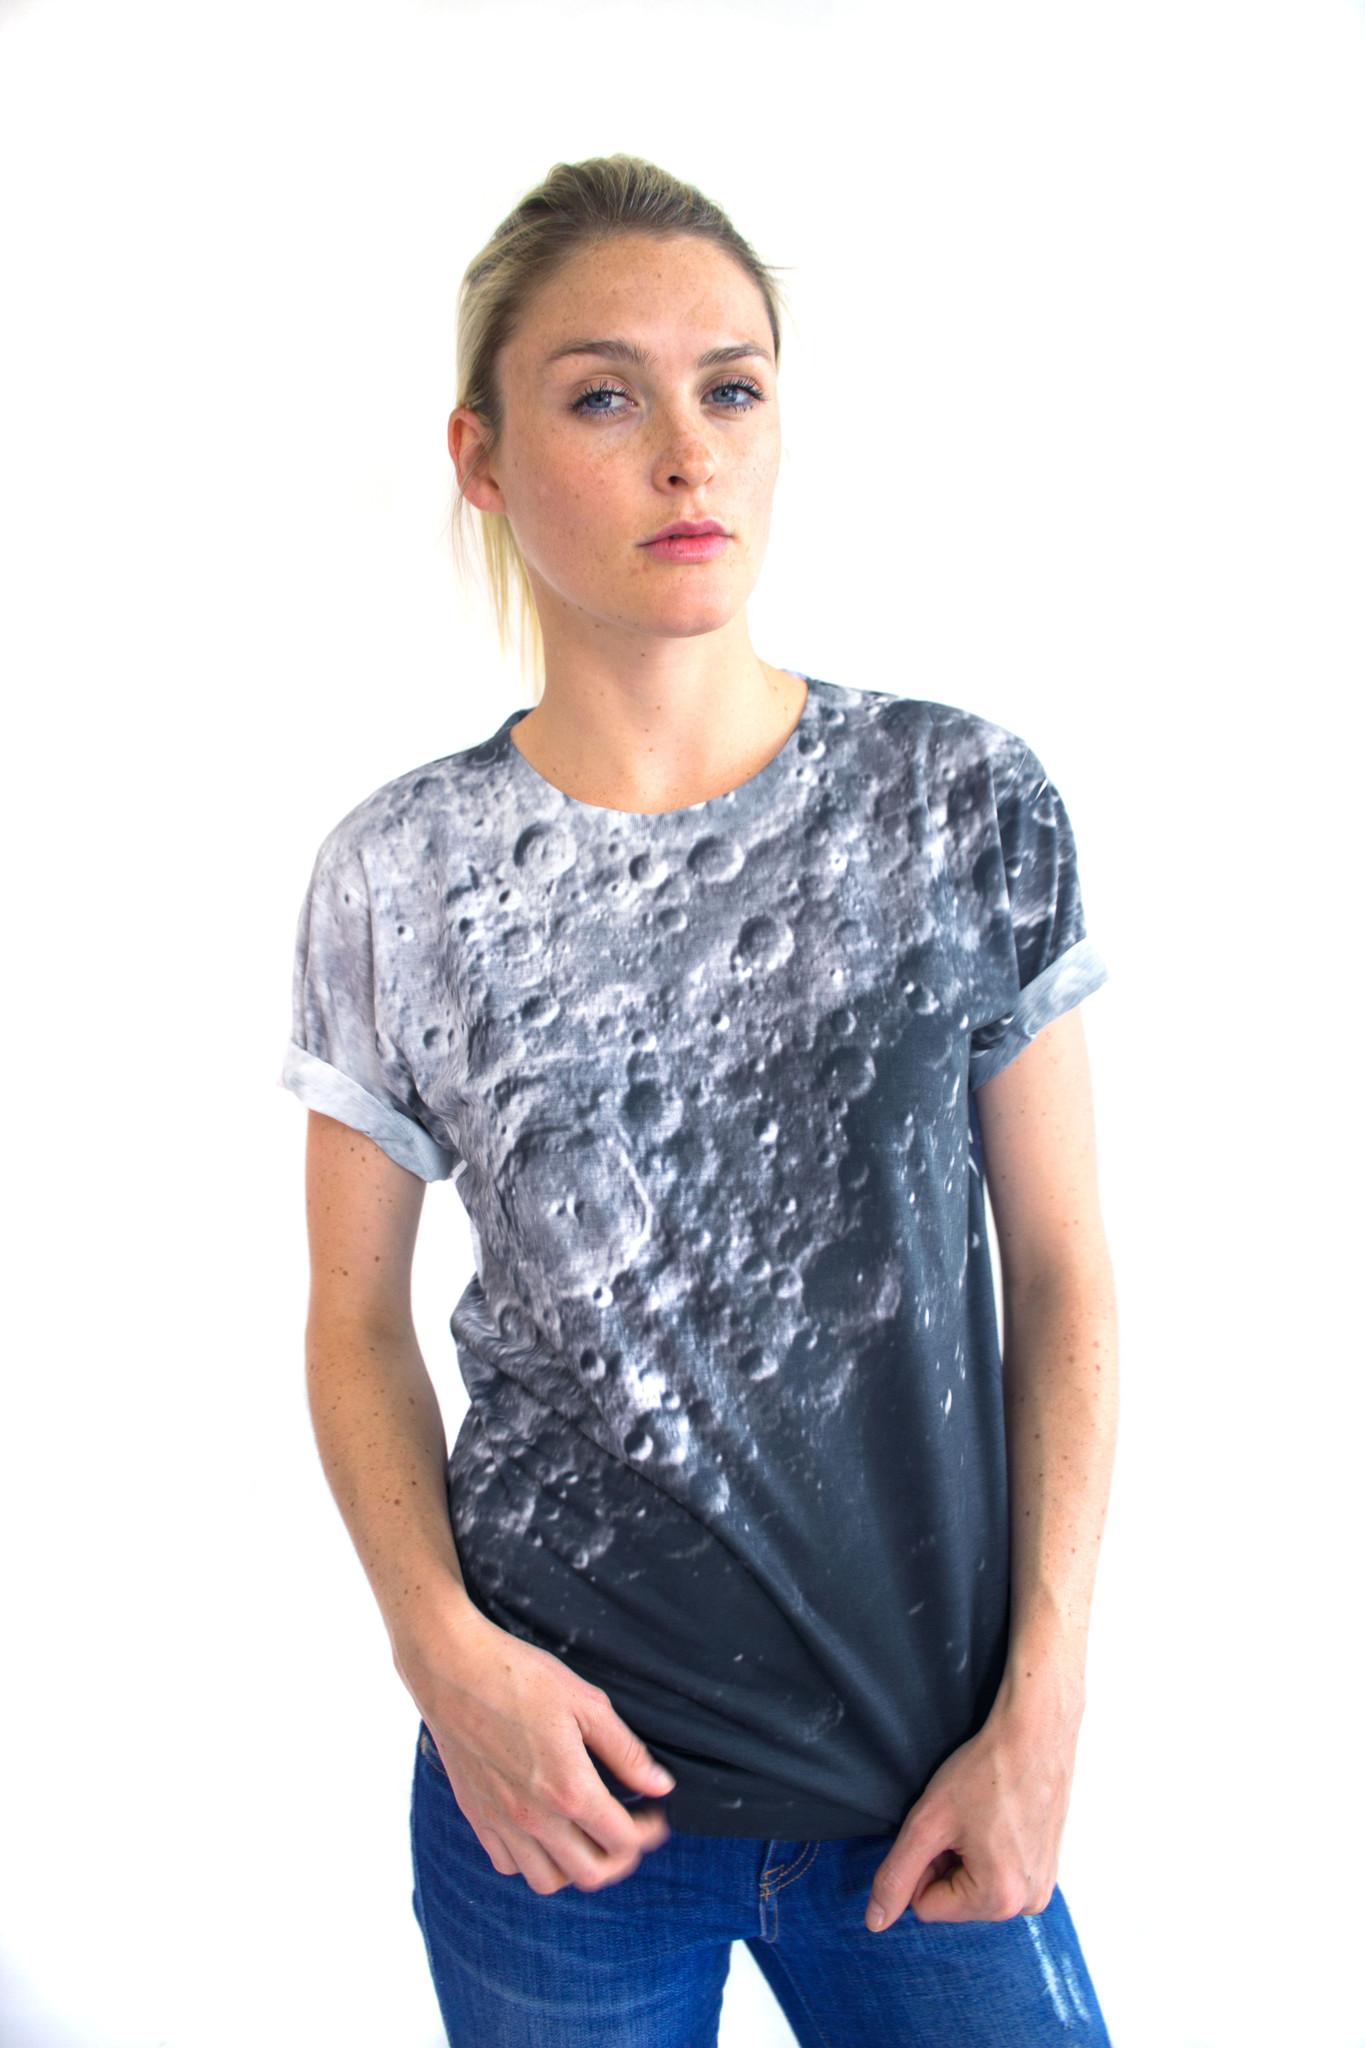 Shadowplaynyc | Galaxy Print Clothing in Nebula & Galaxy Prints